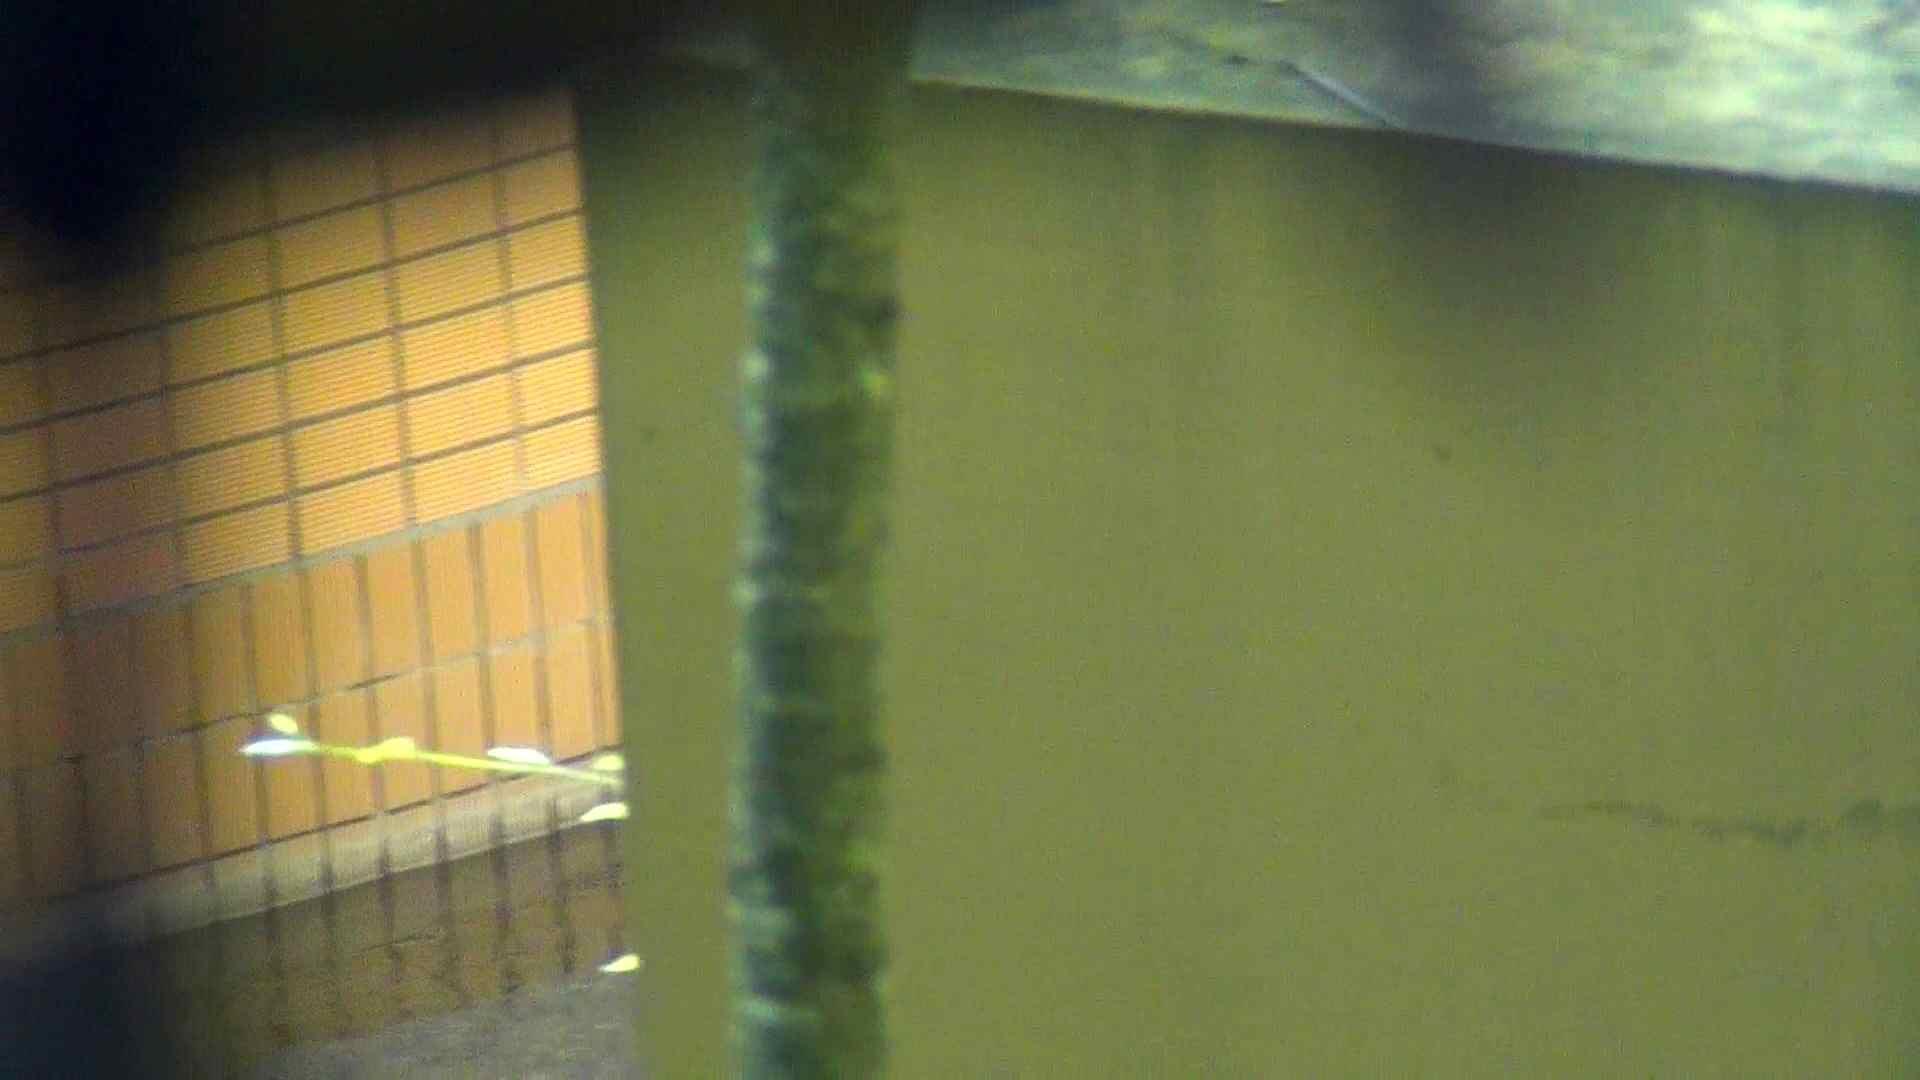 Aquaな露天風呂Vol.272 OLハメ撮り  68Pix 29